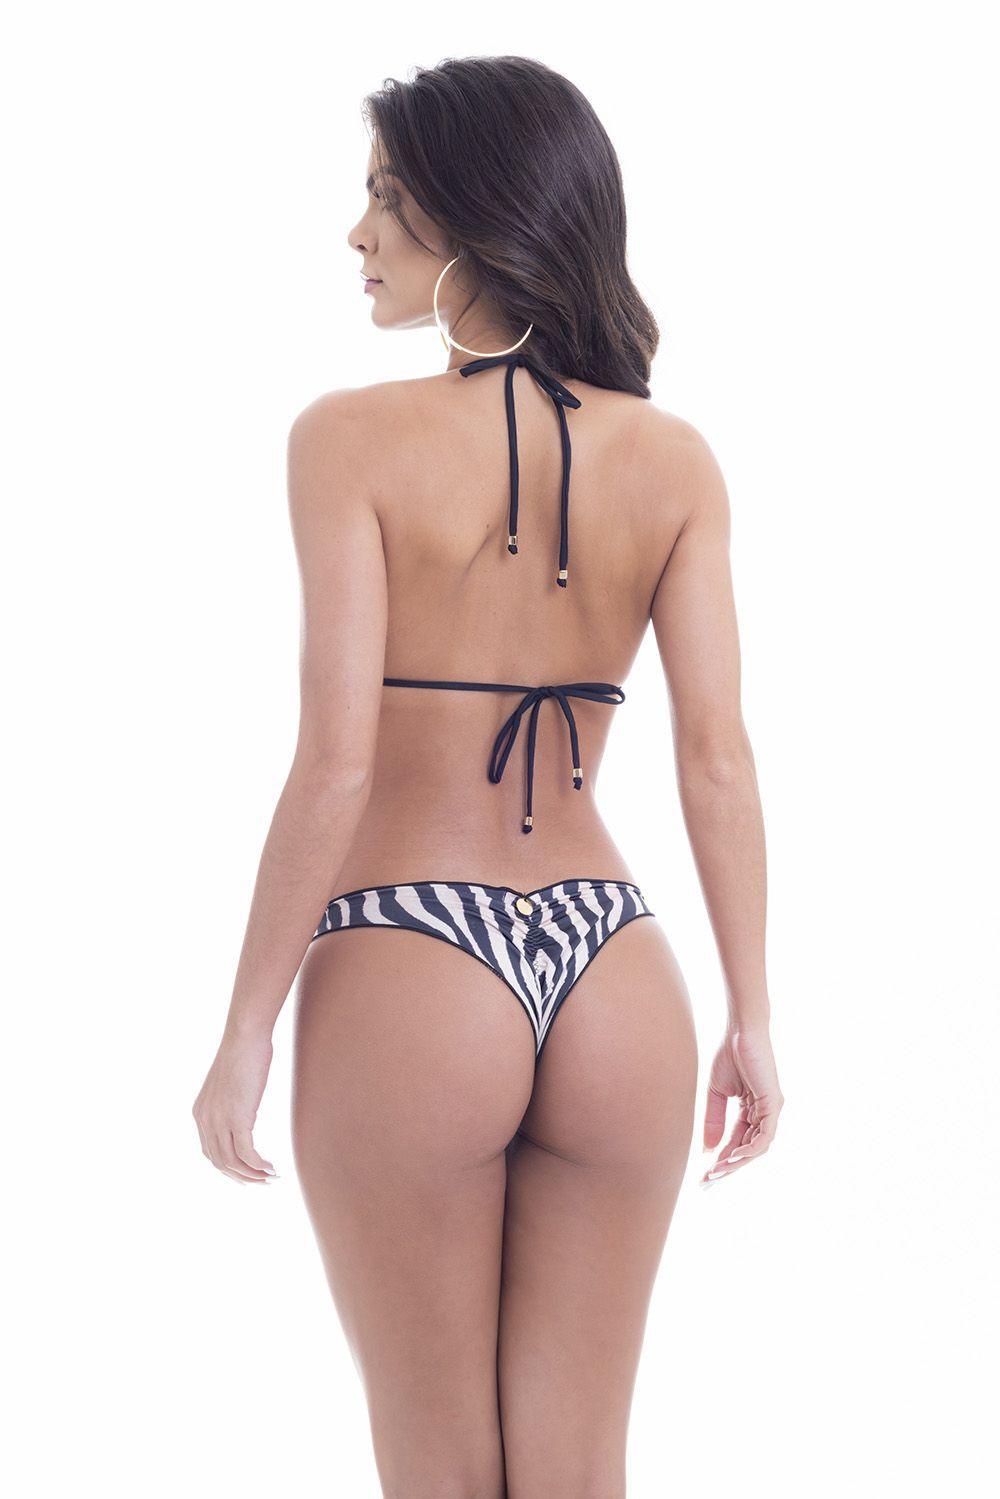 Biquíni Ripple Fru Fru Calça Inteira Levanta Bumbum Estampa Zebra